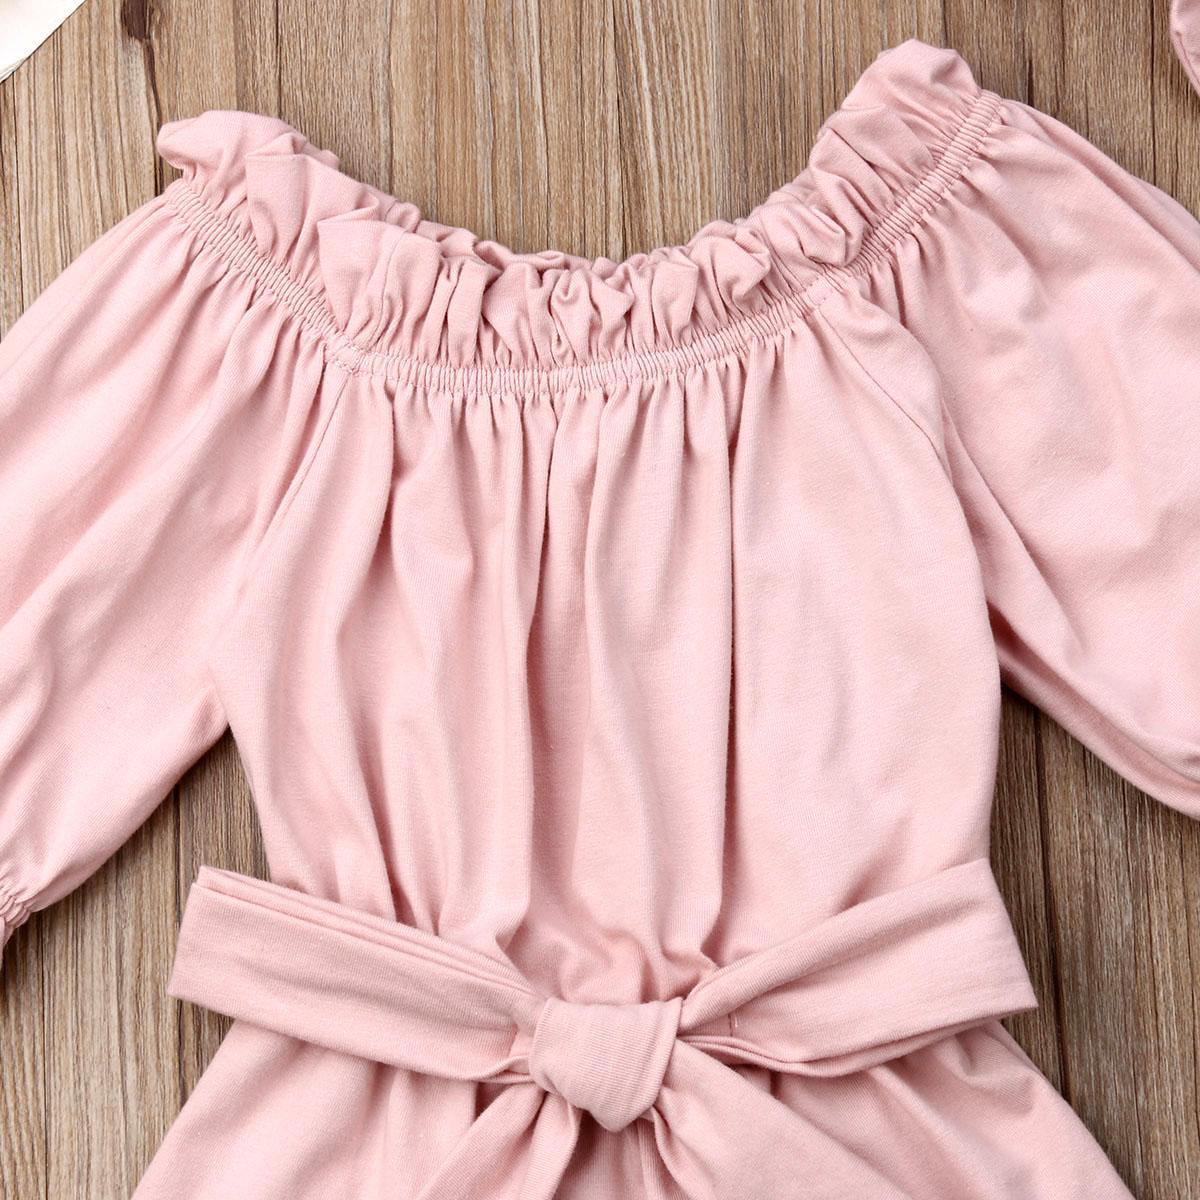 Nouveau-né Enfants bébé fille Vêtements Hauts Romper + Bandeau Enfants solides Casual Sunsuit Set Outfit